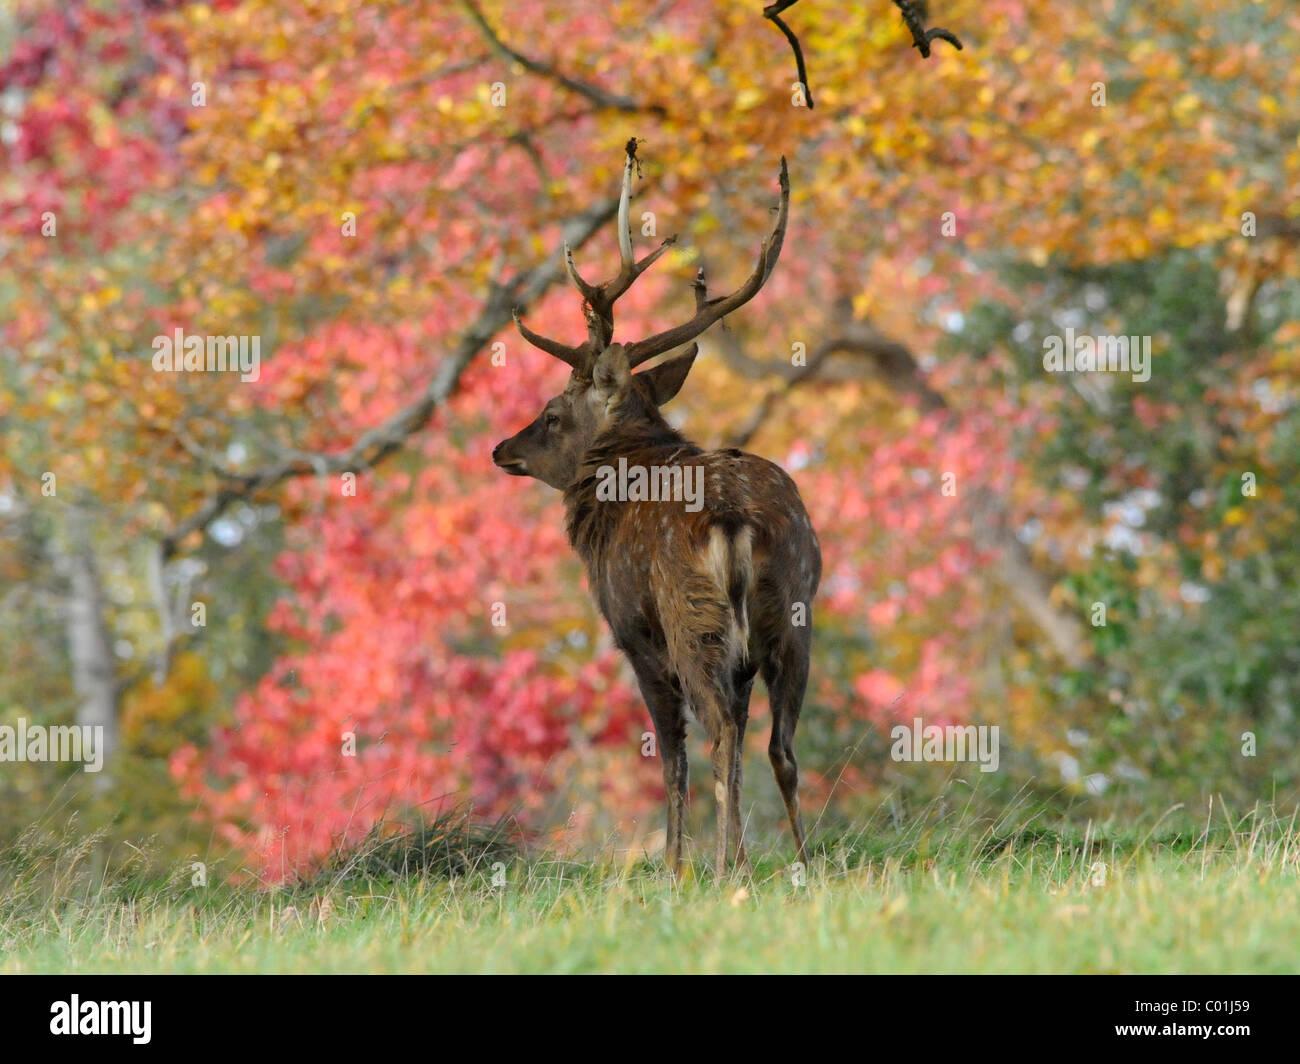 Un jeune cerf dans parmi feuillage de l'automne. Photo Stock